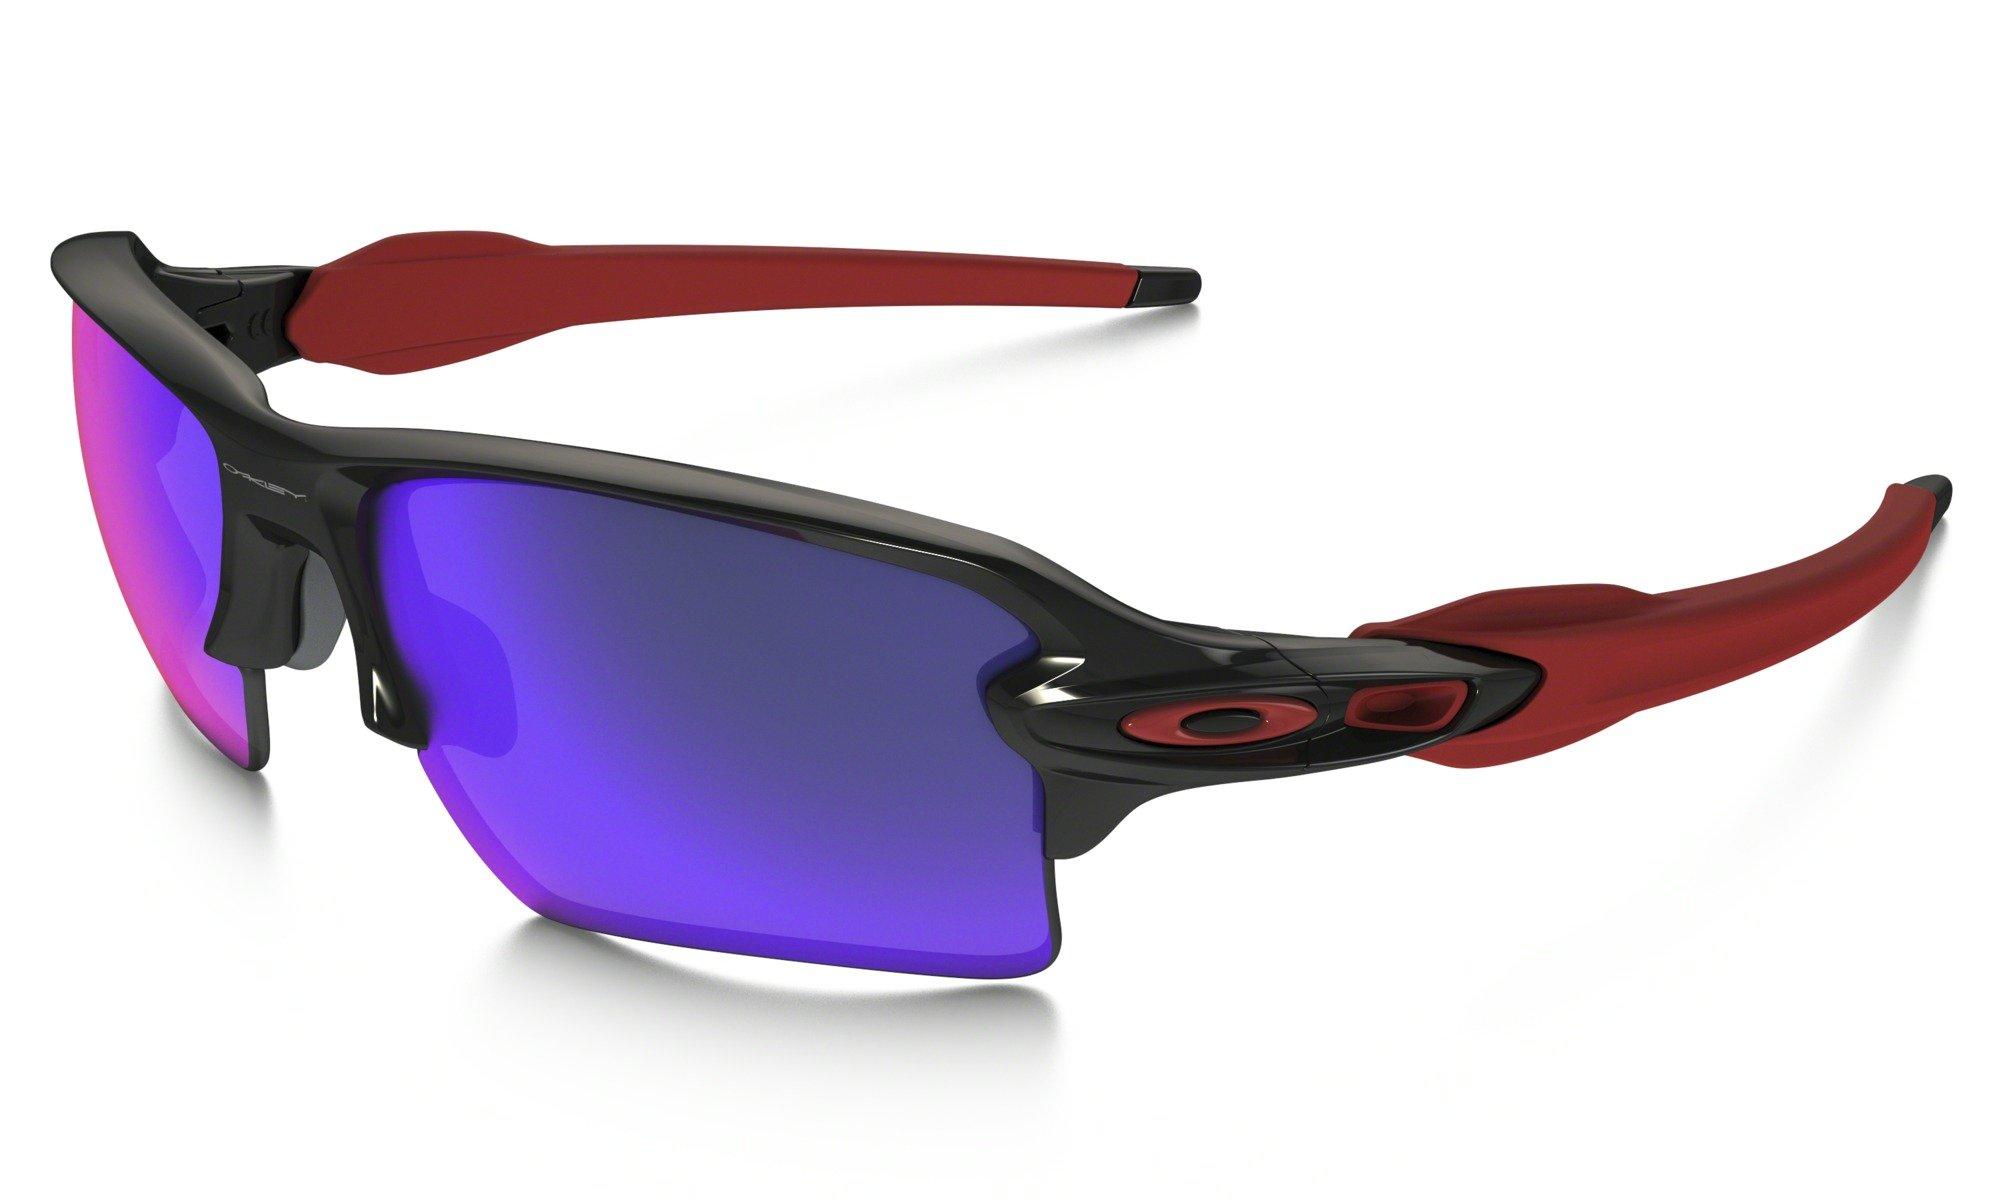 Sluneční brýle Oakley OAKLEY Flak 2.0 XL Polished Black w/+ Red Iridium